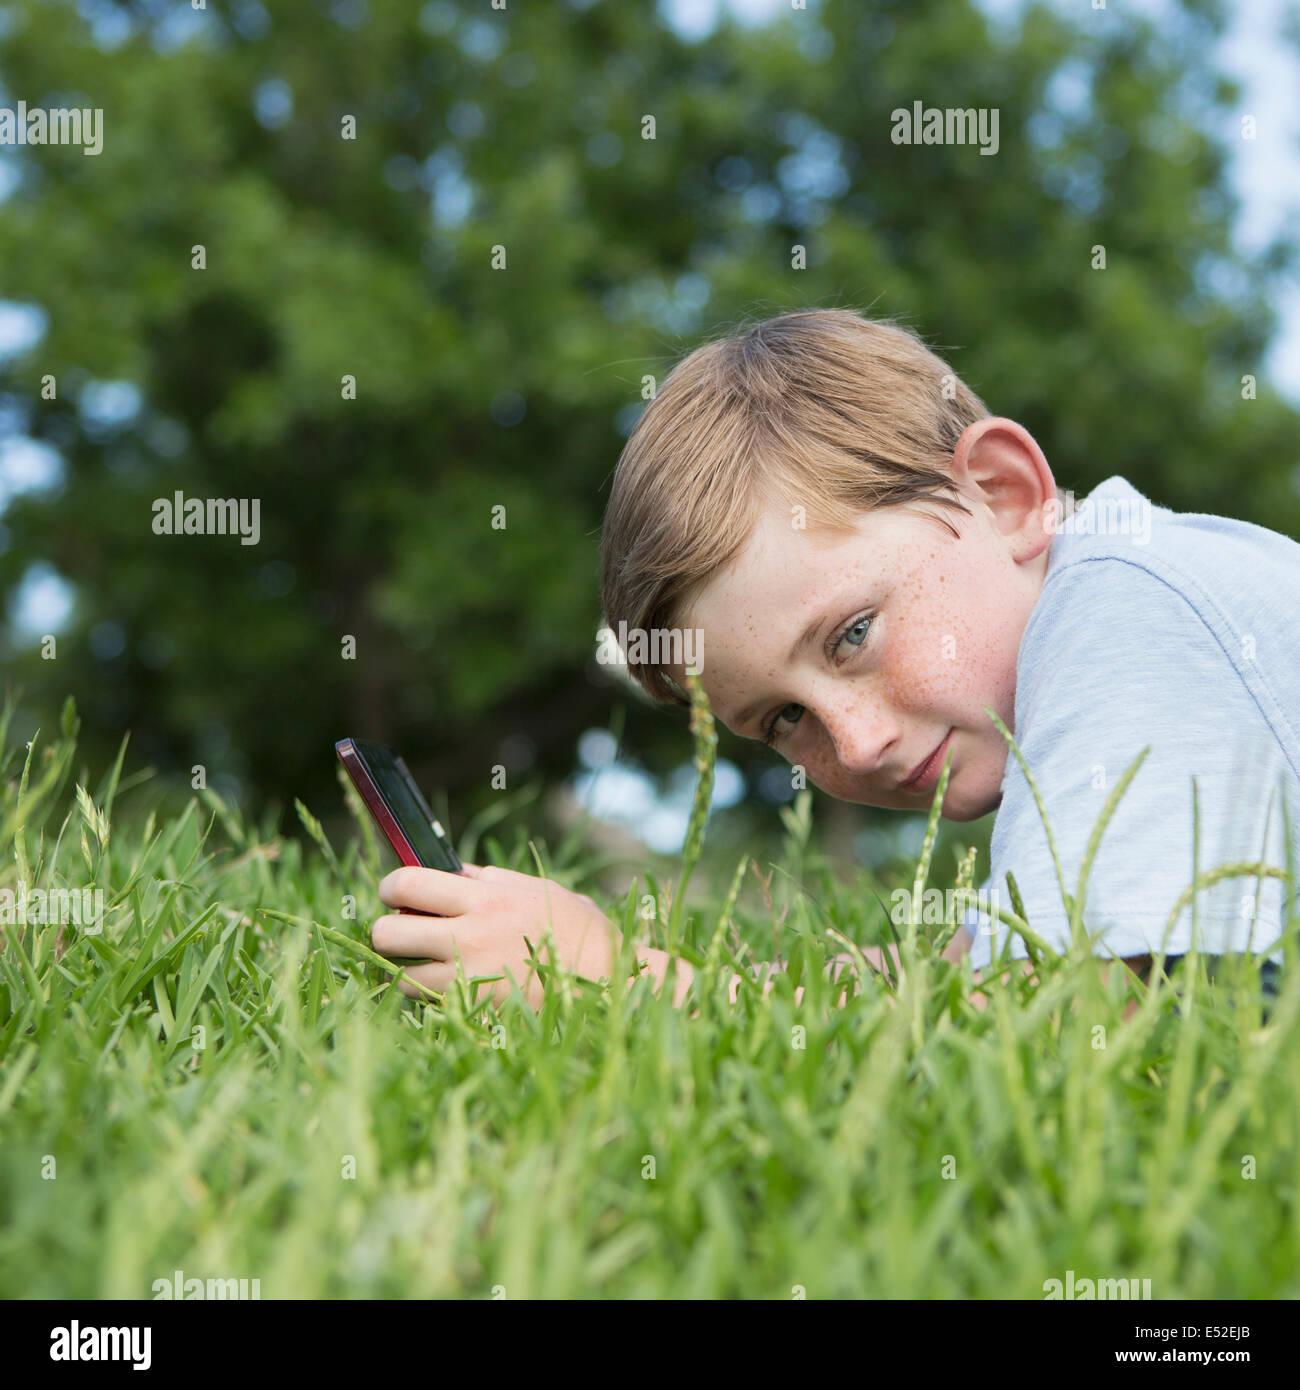 Un jeune garçon assis sur l'herbe à l'aide d'une des jeux électroniques. Photo Stock